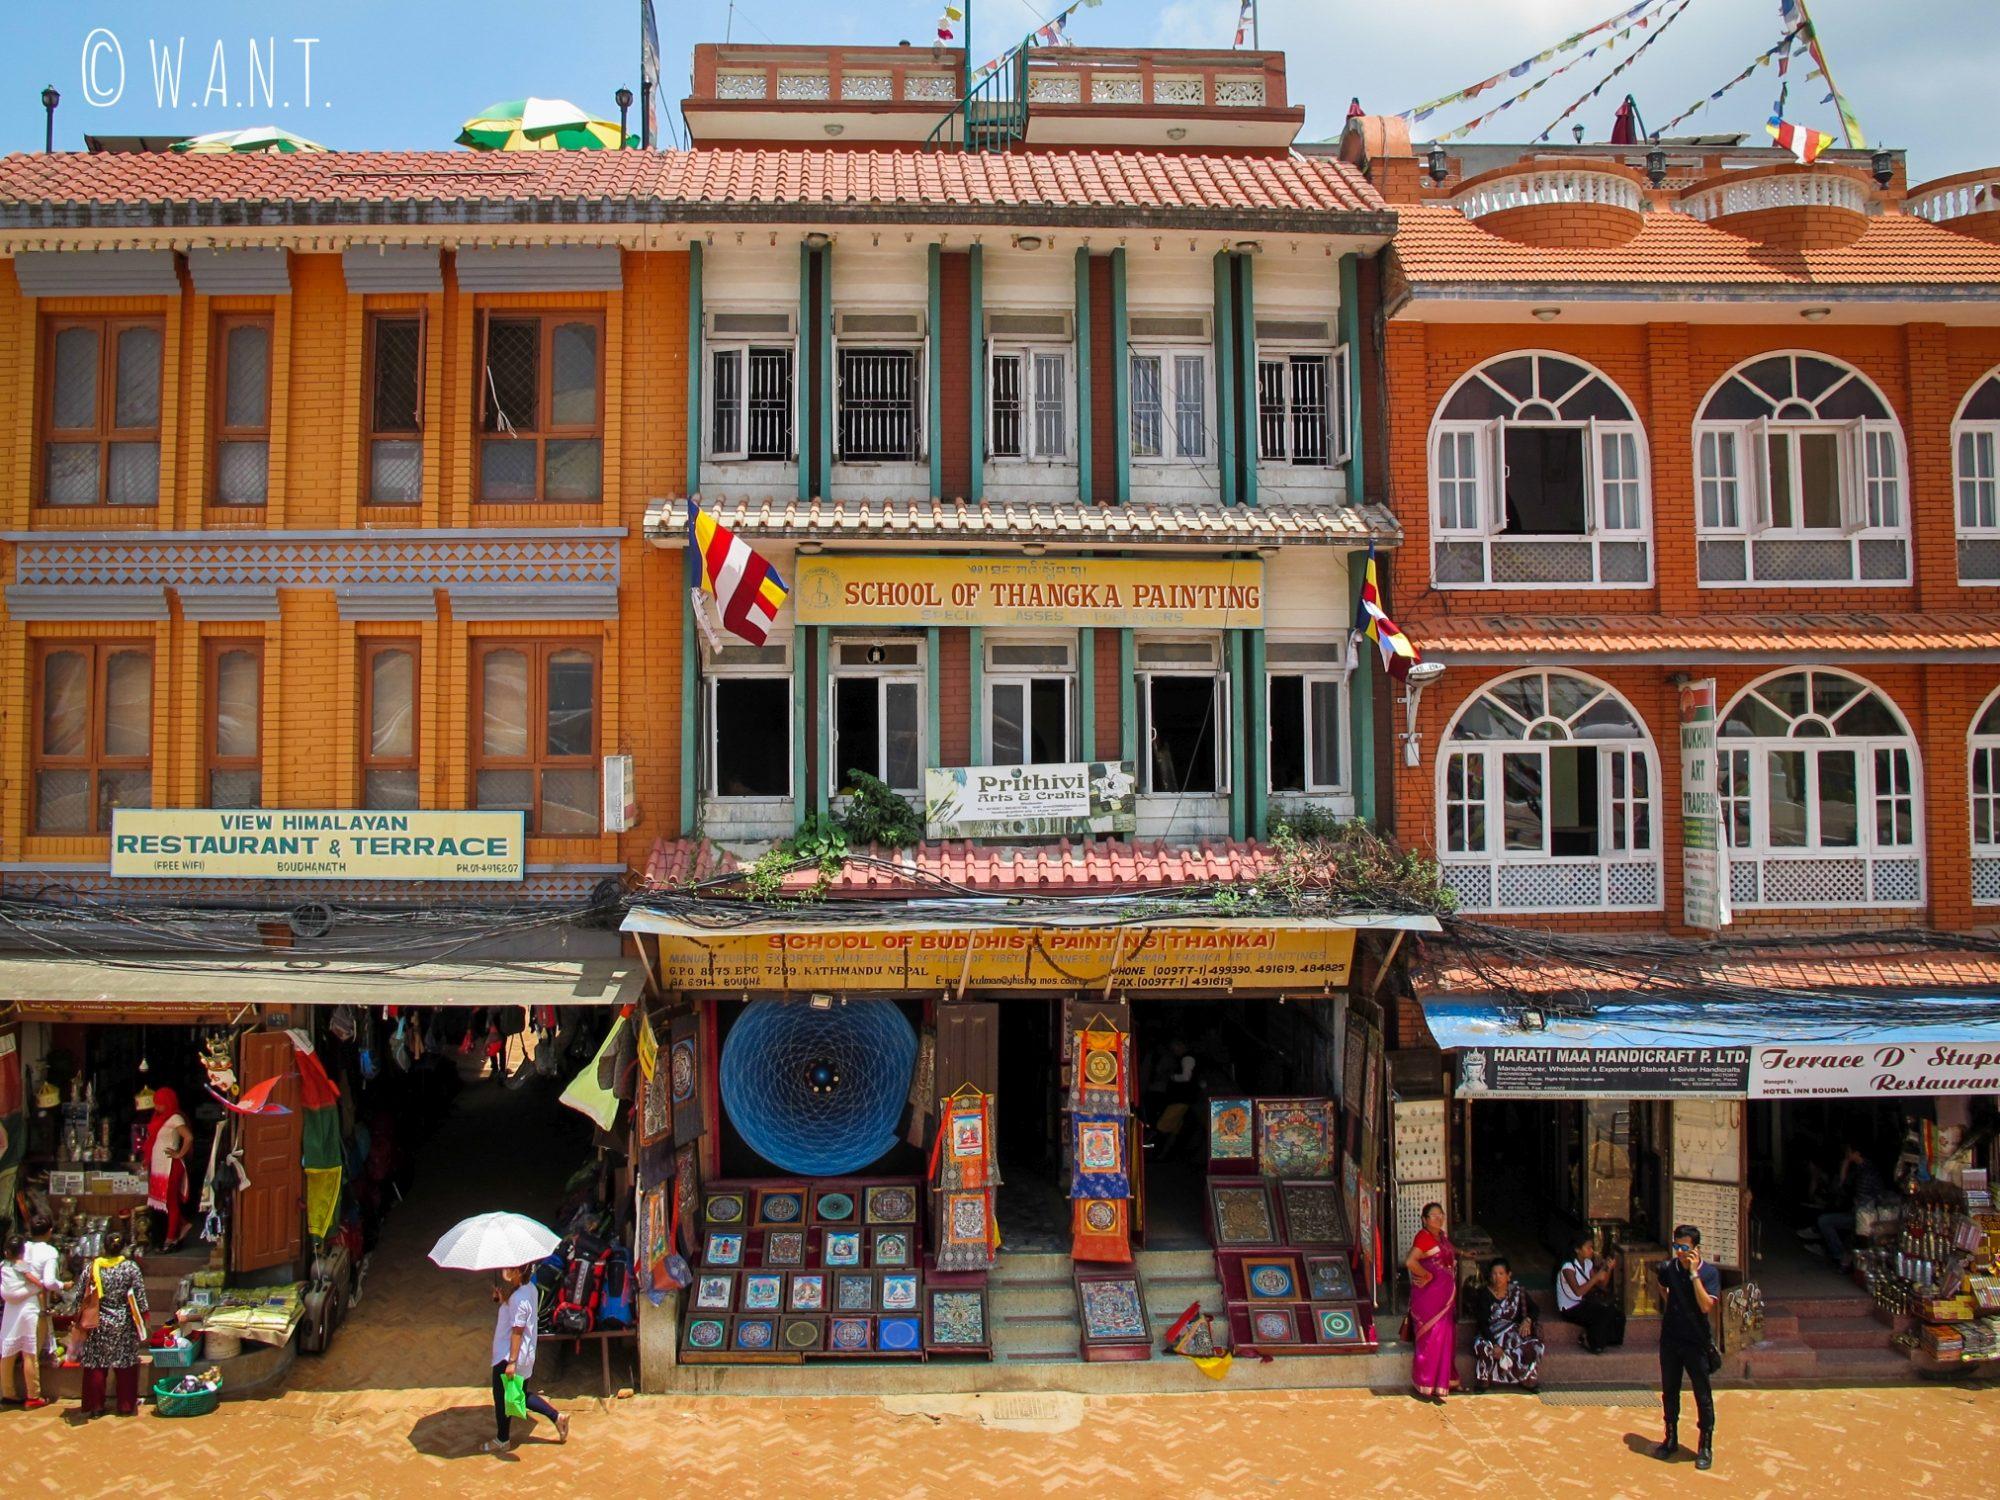 Façades du quartier entourant le stupa Bodnath